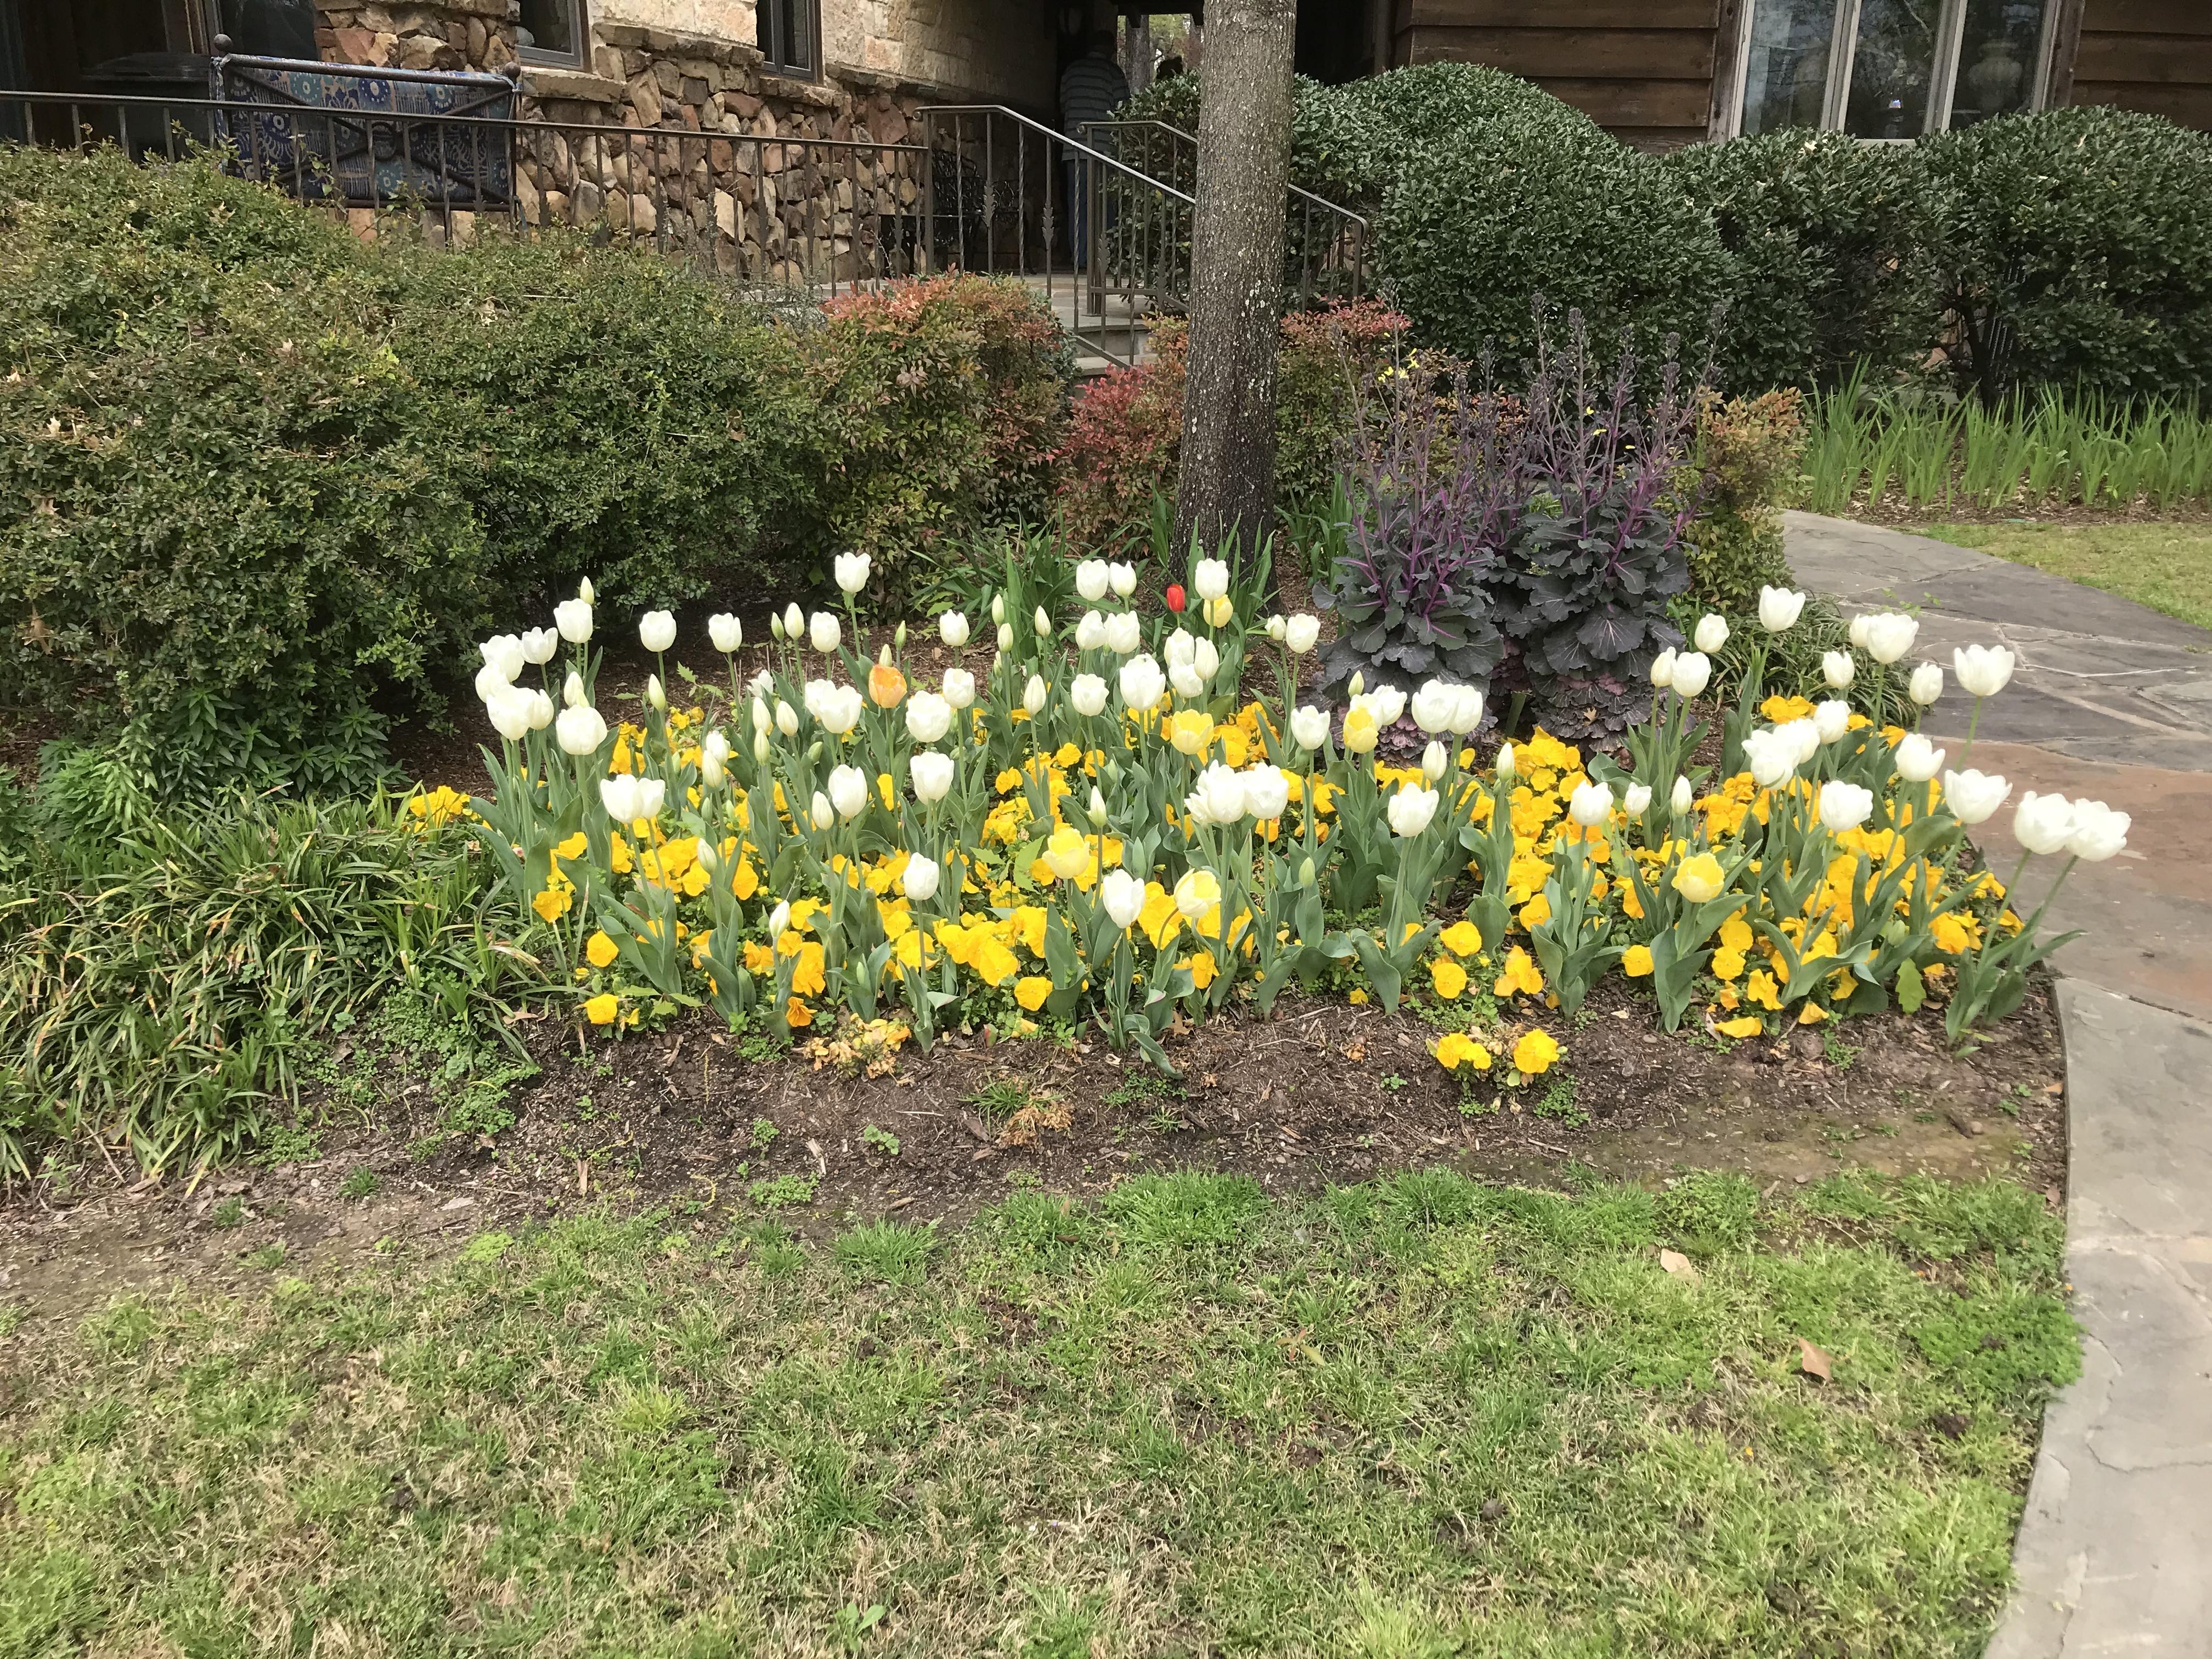 2019-Tiptoe-Thru-the-Tulips-40